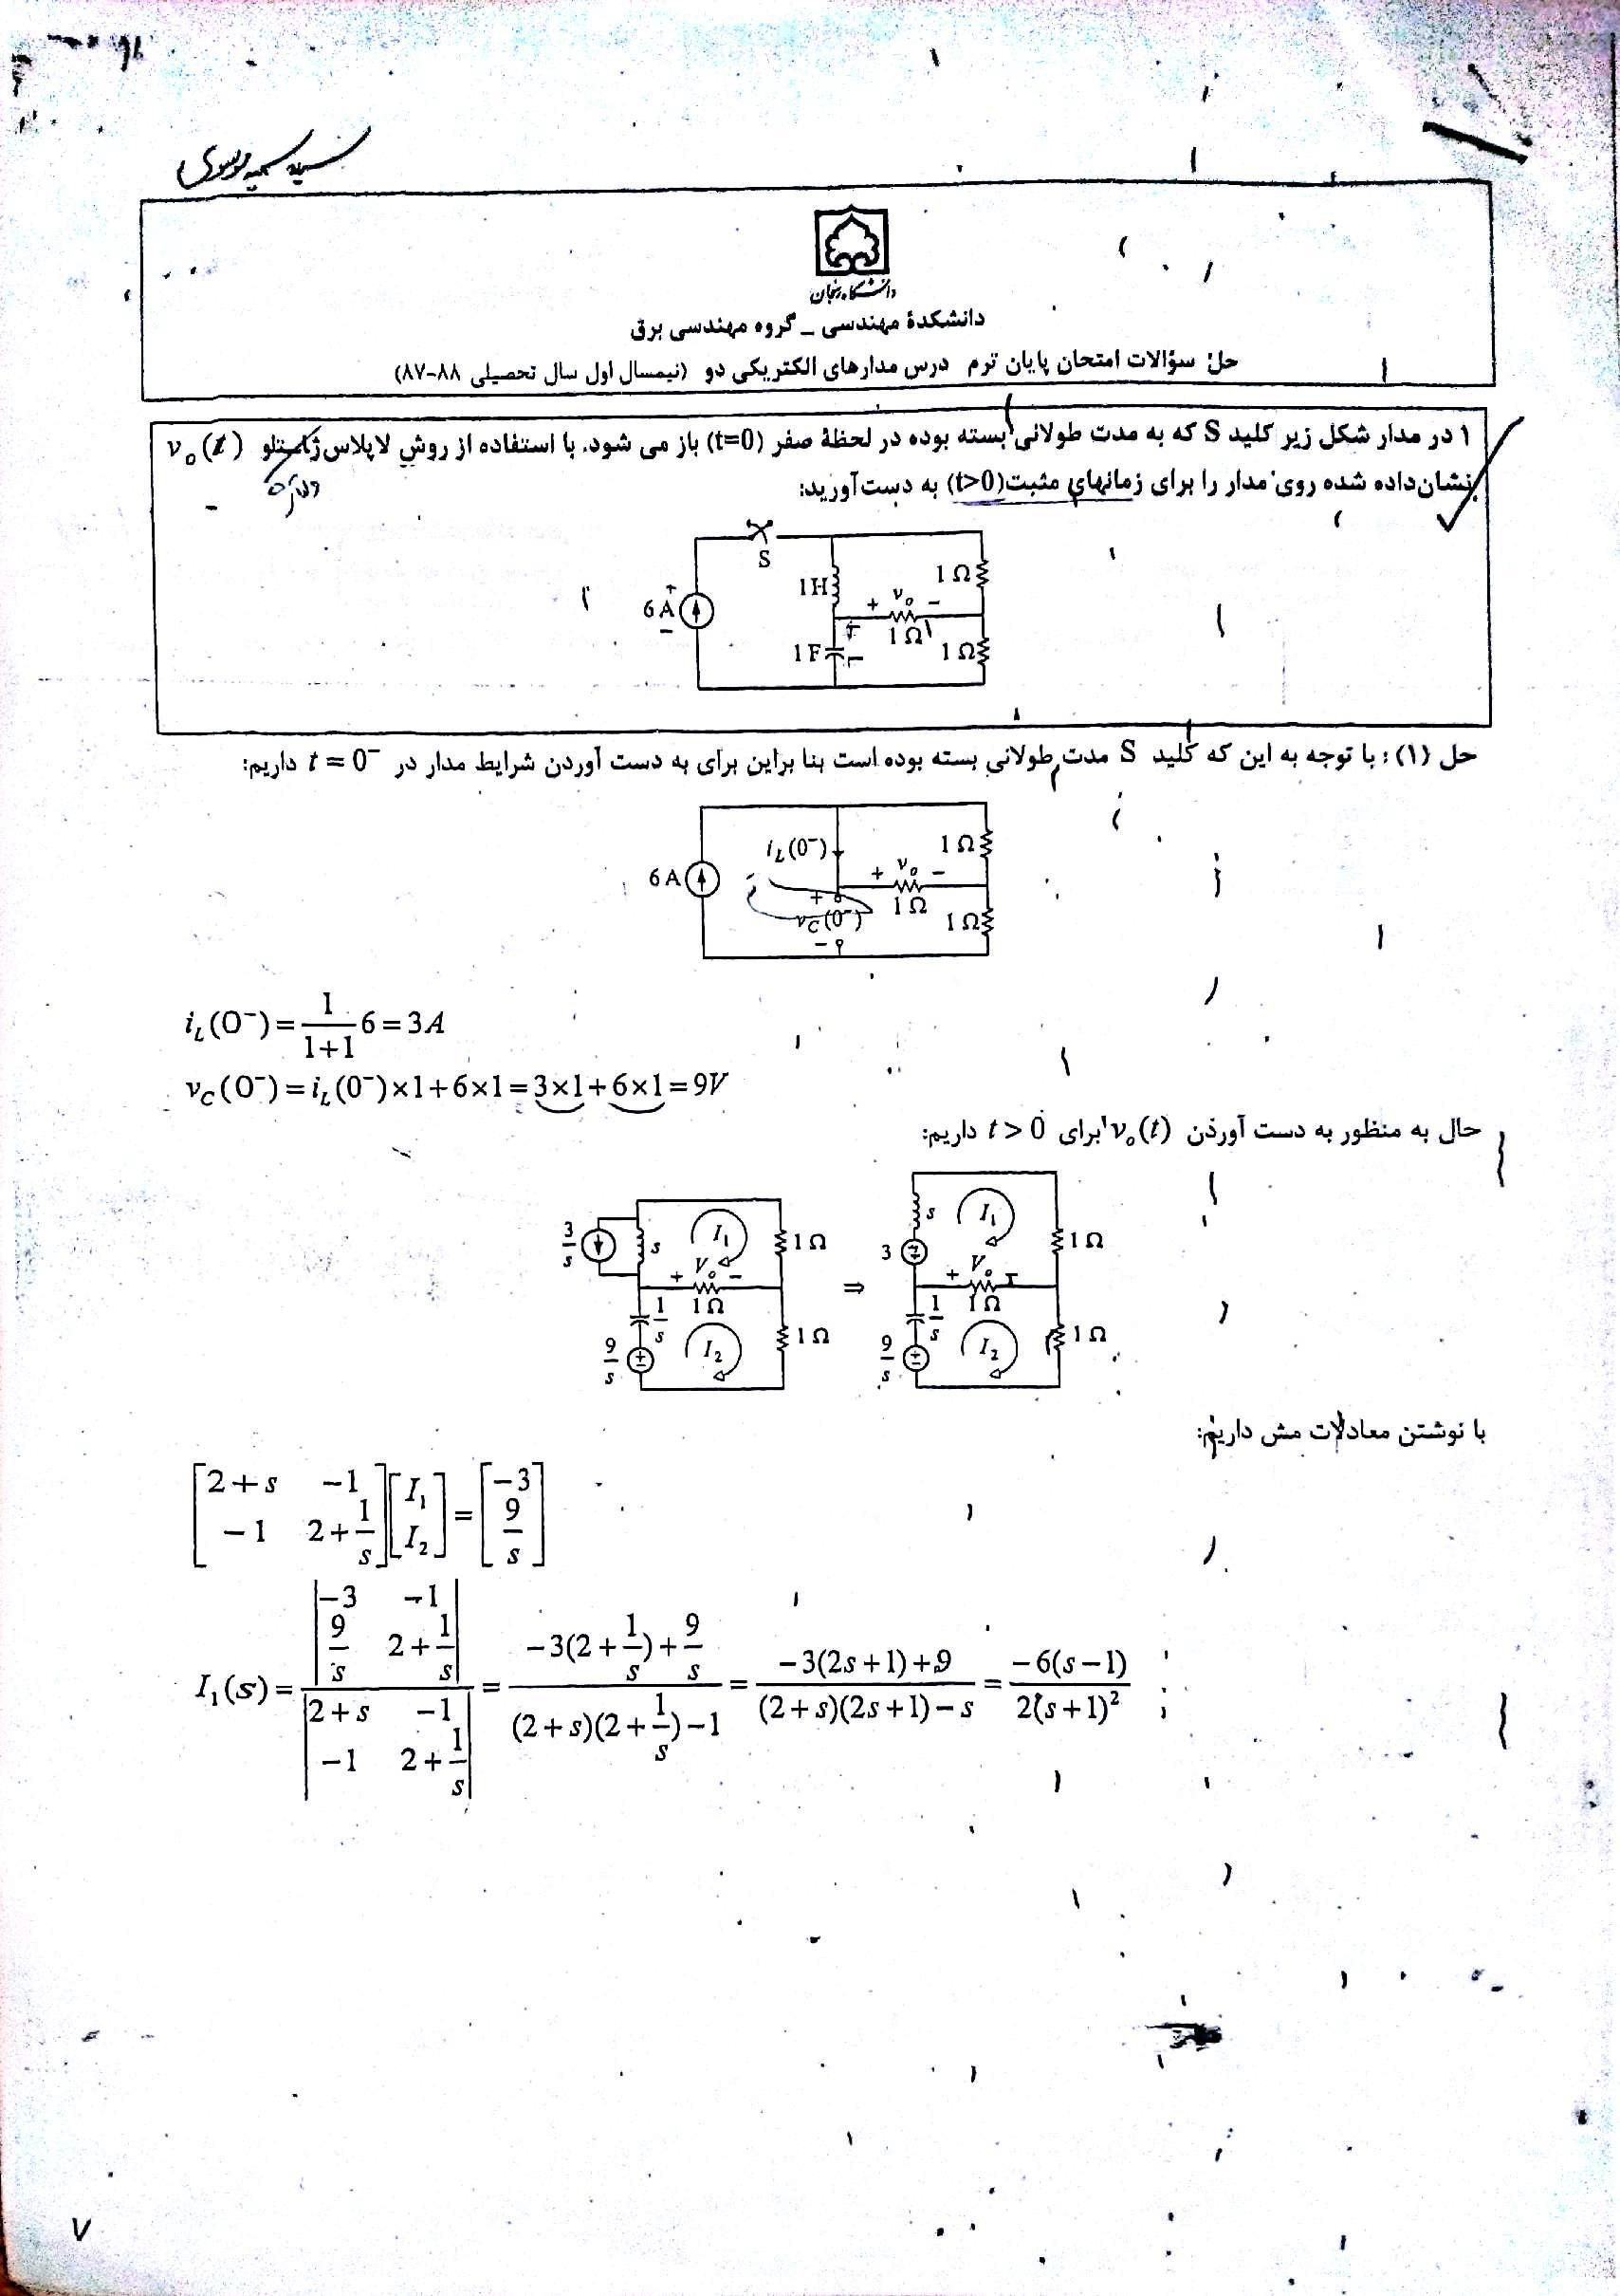 نمونه سوالات مدار های الکتریکی 2